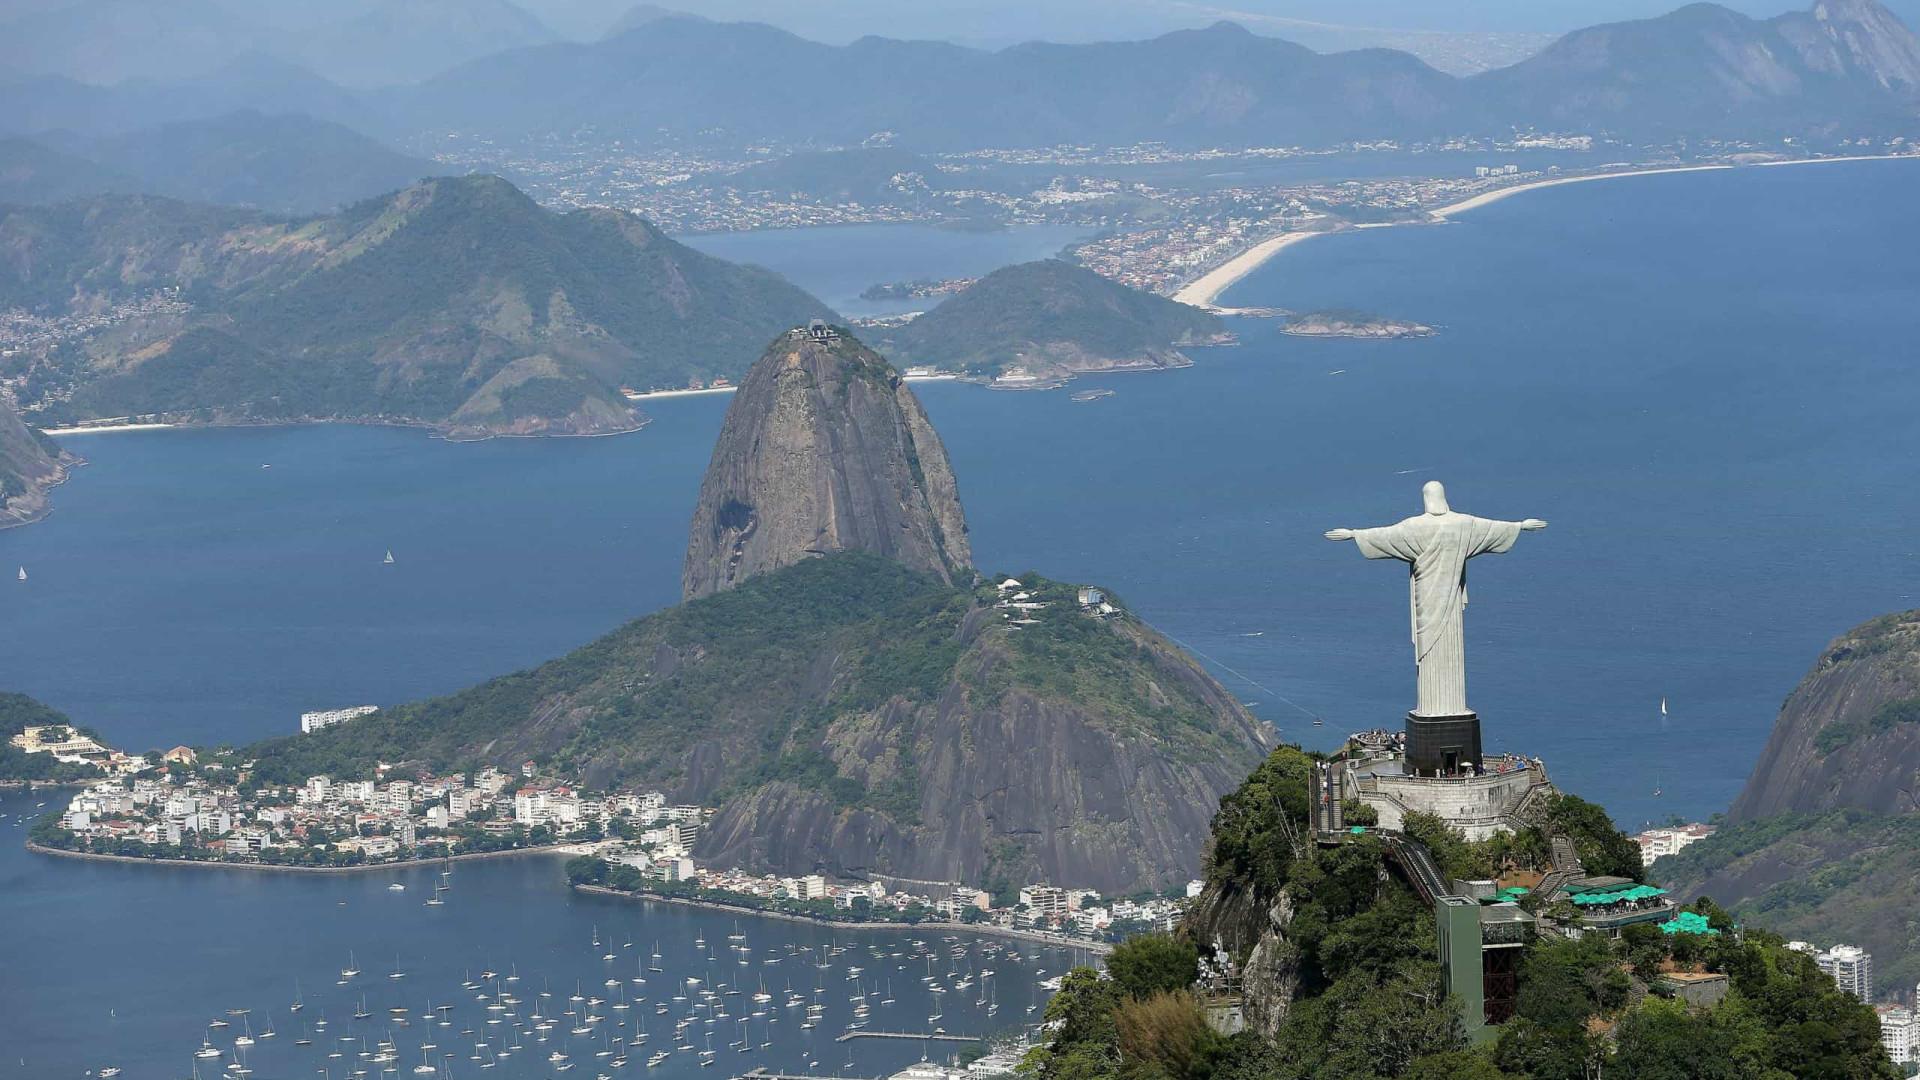 Portaria do trabalho escravo 'rompe trajetória de sucesso' do Brasil, diz OIT